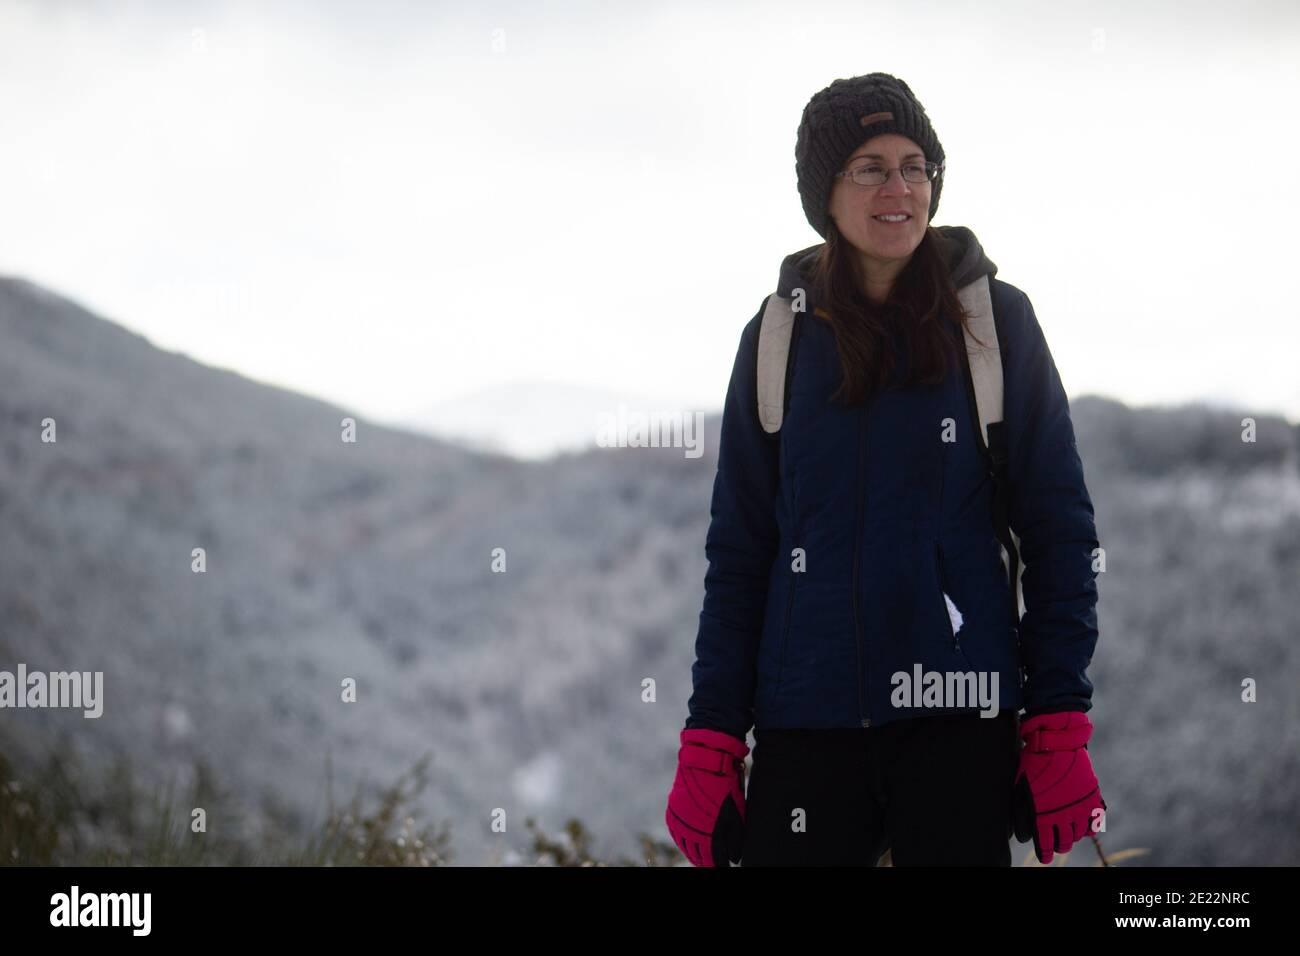 Une femme optimiste regardant la distance un jour d'hiver. Banque D'Images